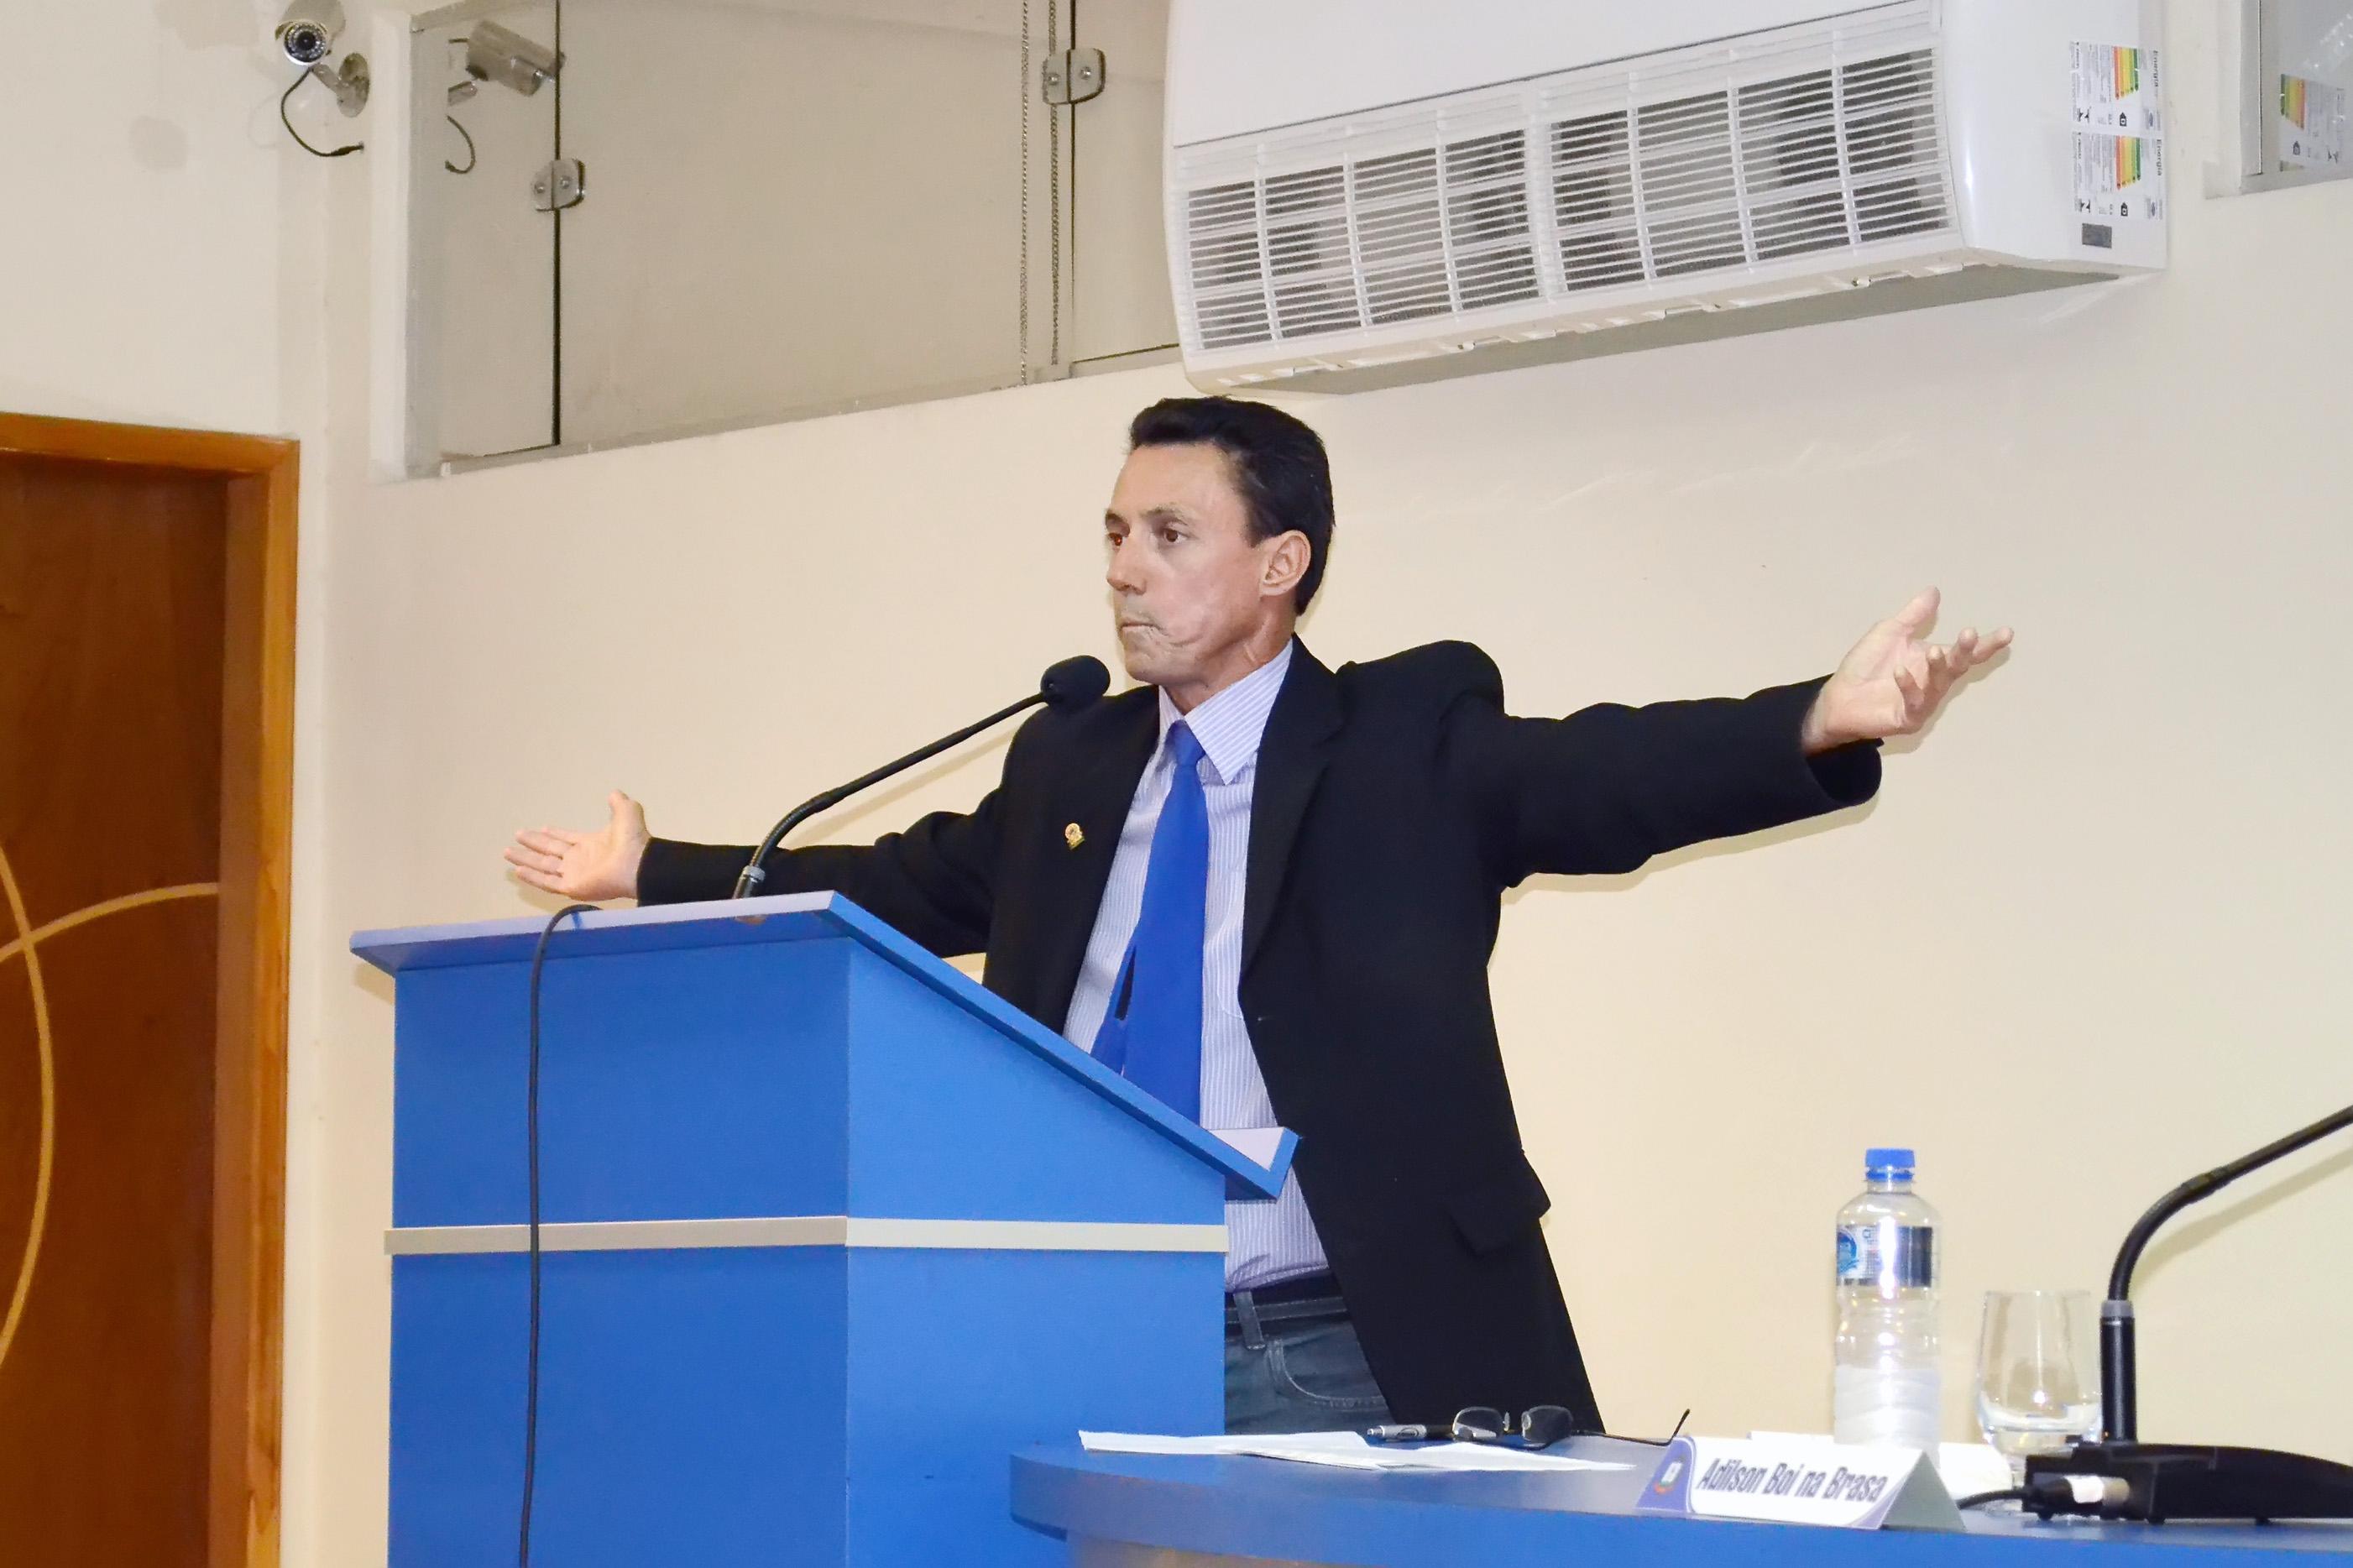 O vereador Elcio Ribeiro, afastado do cargo após condenação judicial; salário garantido, mesmo fora da Câmara (Foto: Arquivo Atos)